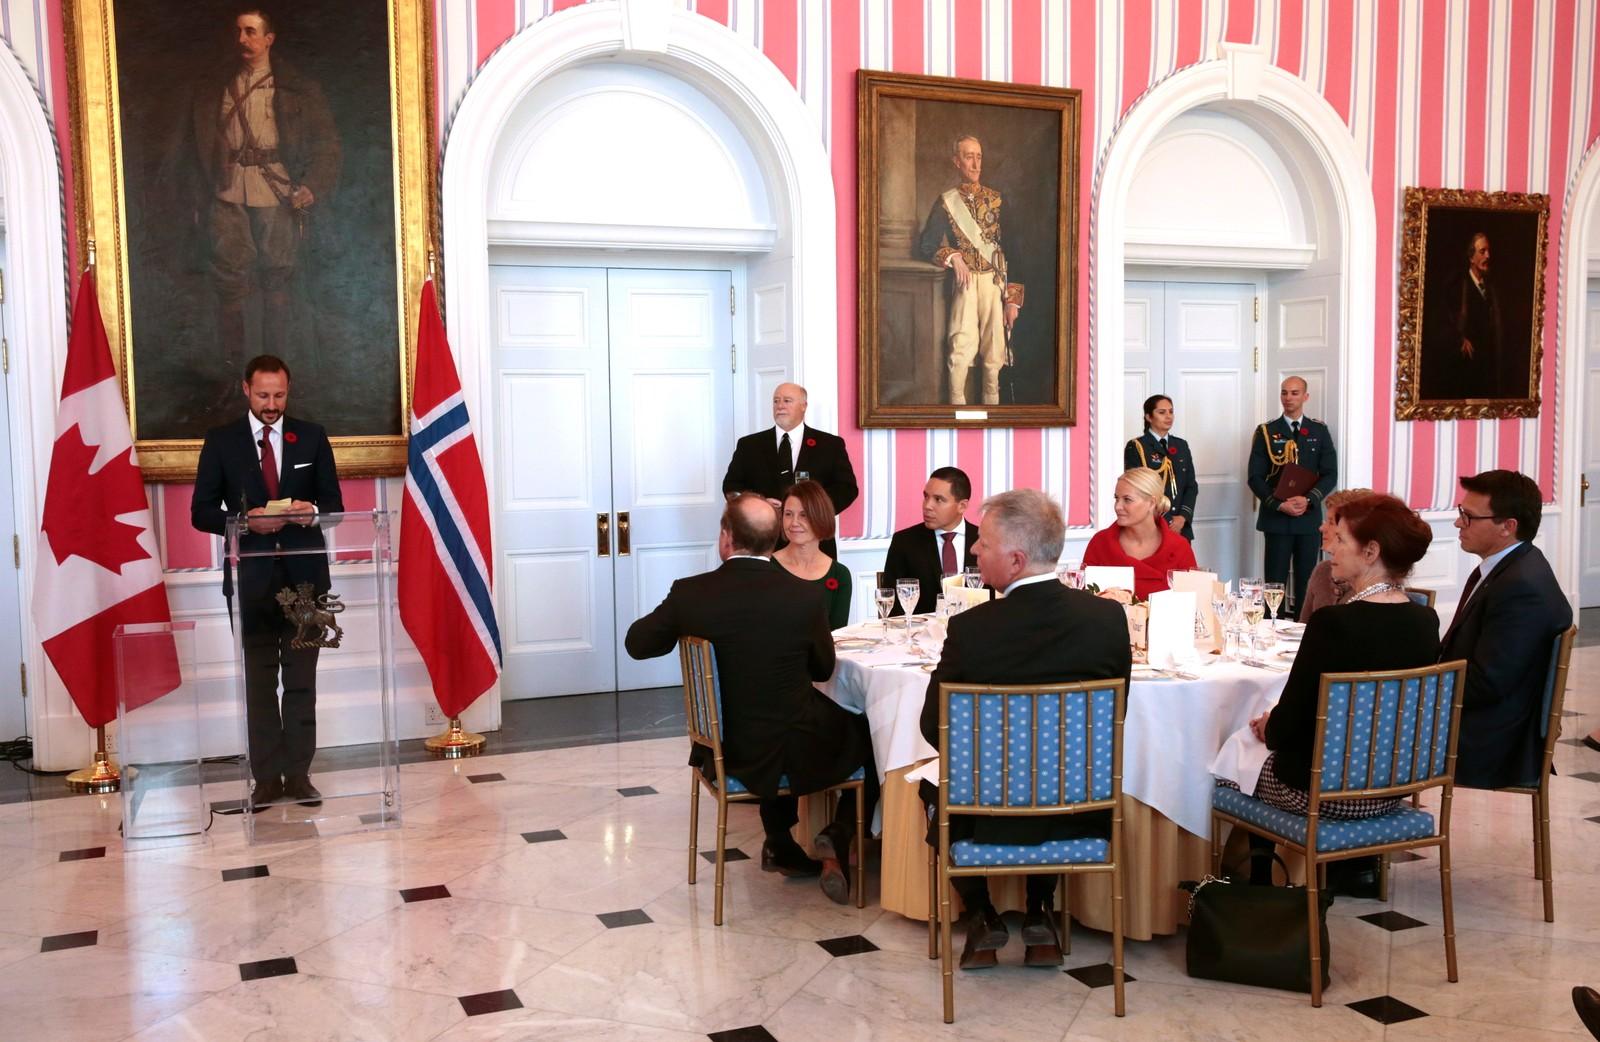 Kronprins Haakon talte på fransk og engelsk under ein arbeidslunsj hos den canadiske generalguvernøren måndag.